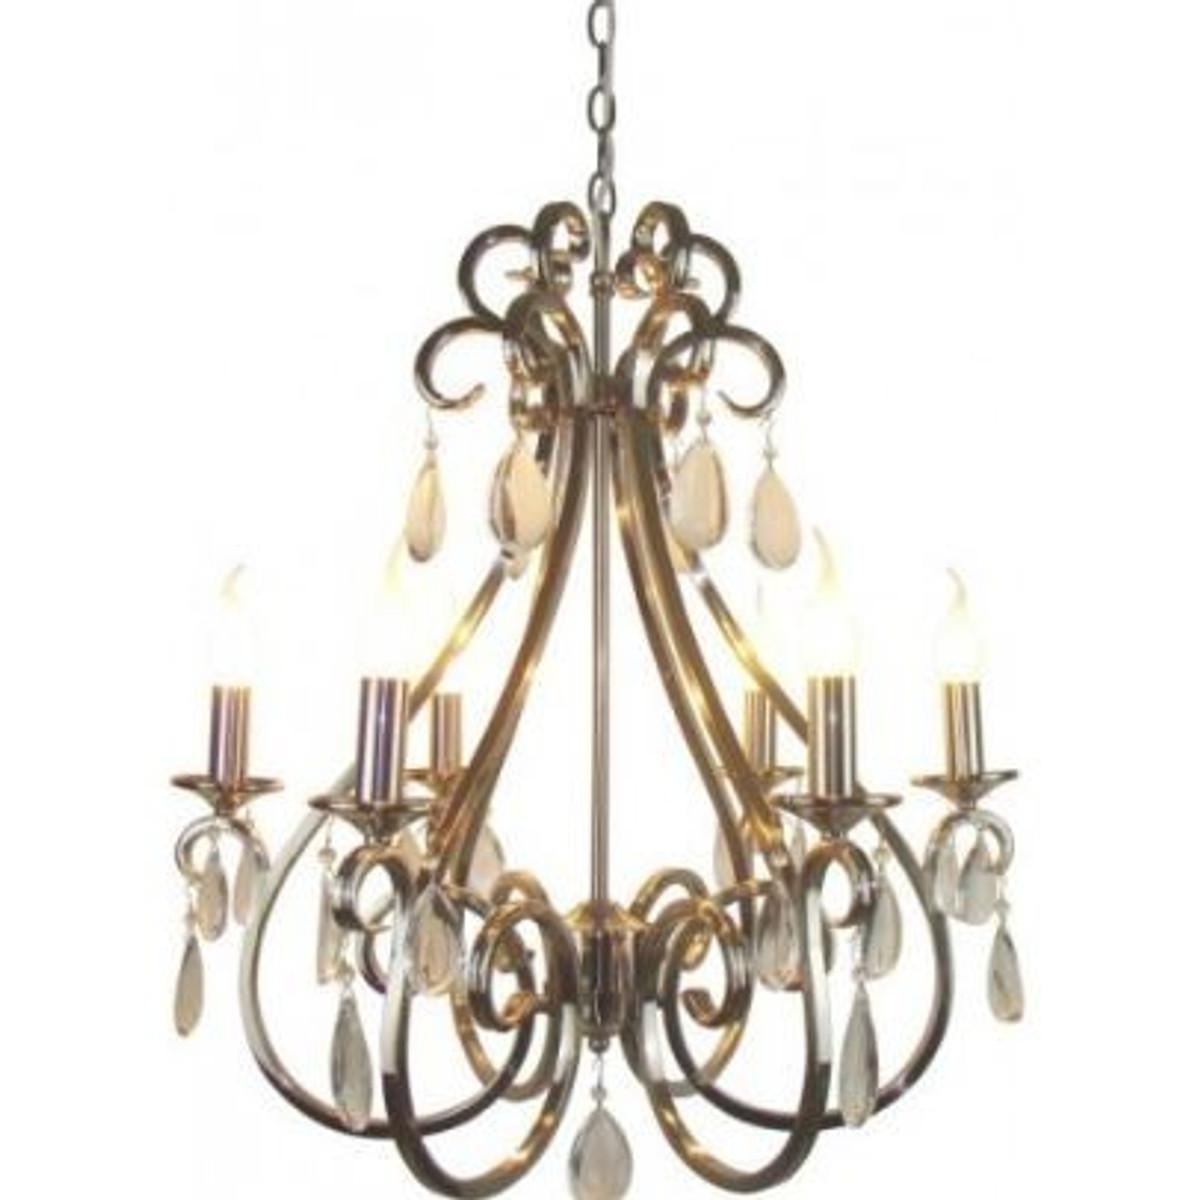 Casa Padrino Barock Decken Kristall Kronleuchter Silber Durchmesser 63 X H  70 Cm Antik Stil   Möbel Lüster Leuchter Deckenleuchte Hängelampe